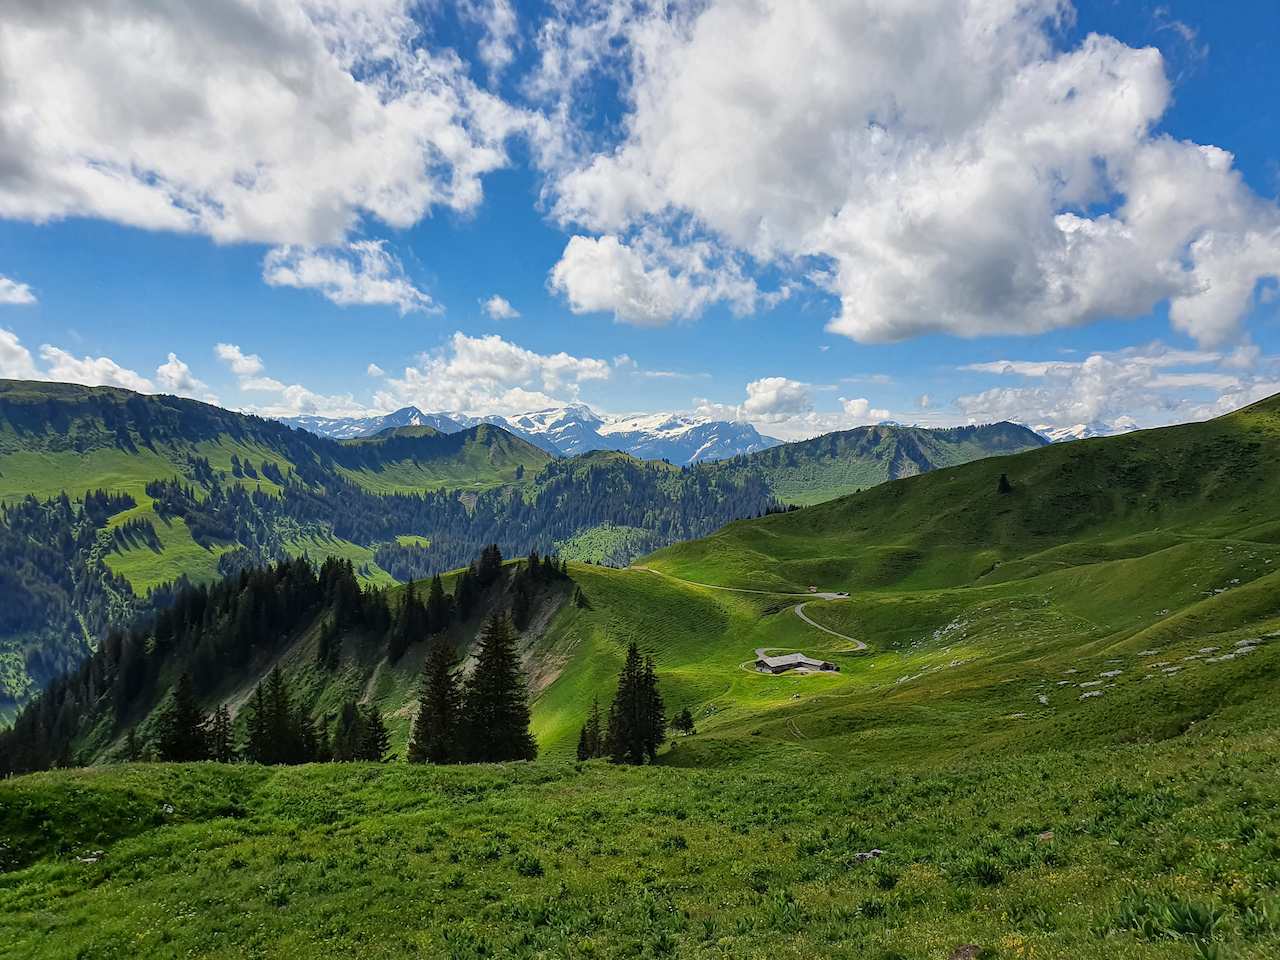 Um die Saanenländer Dolomiten: Rundwanderung um die Gastlosen